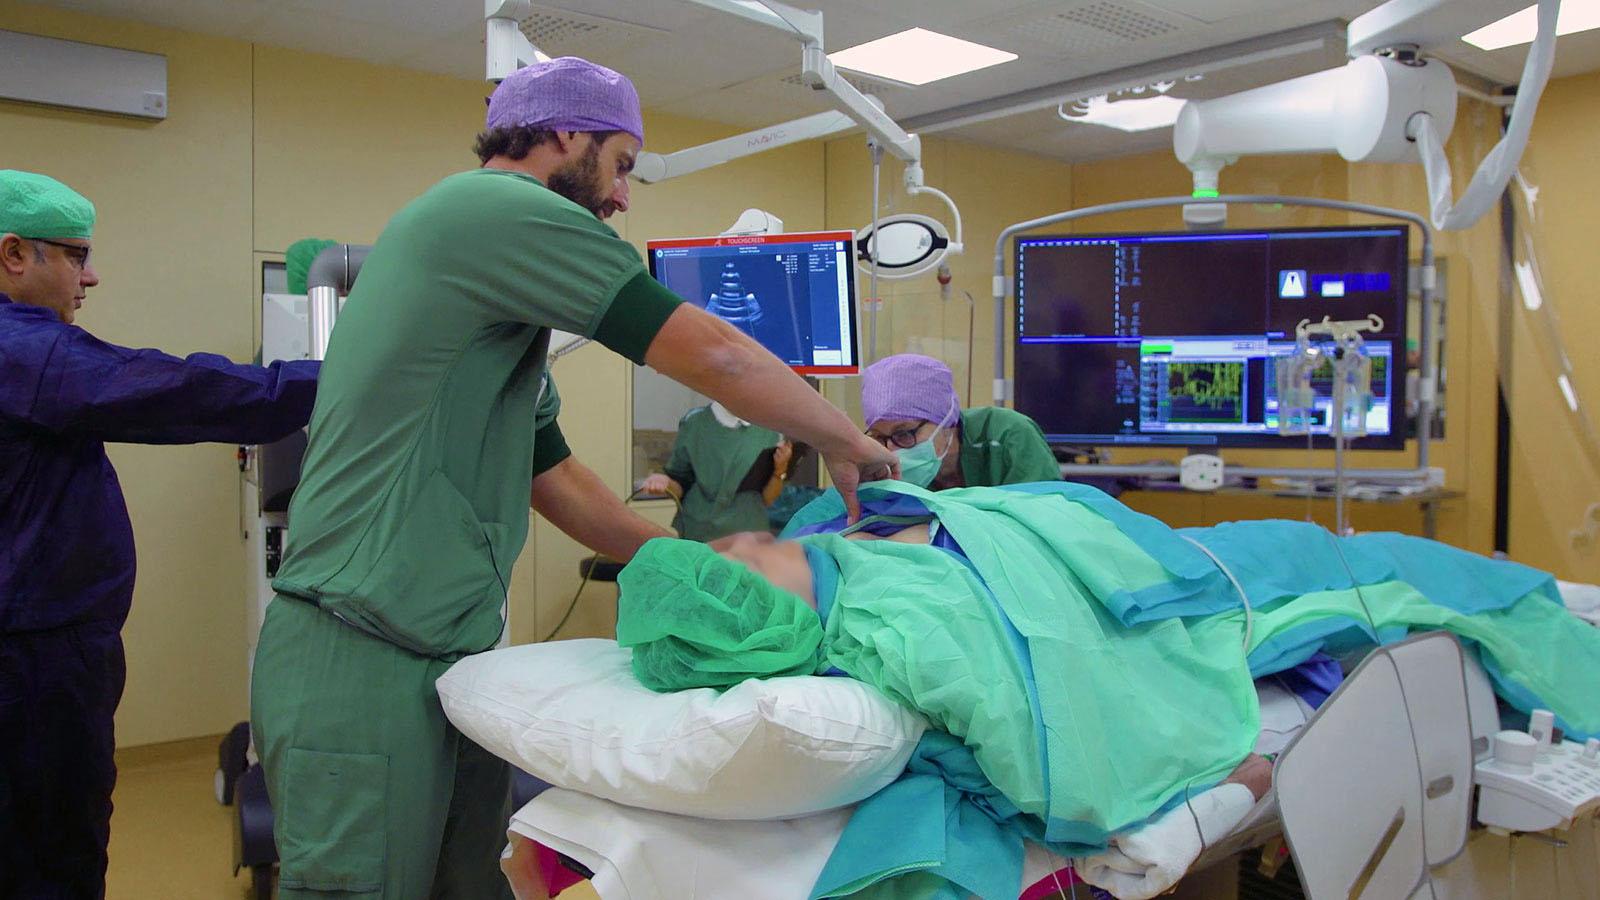 medische films laten maken operatie-tijdens-video-opames-videoproductiebedrijf-breda